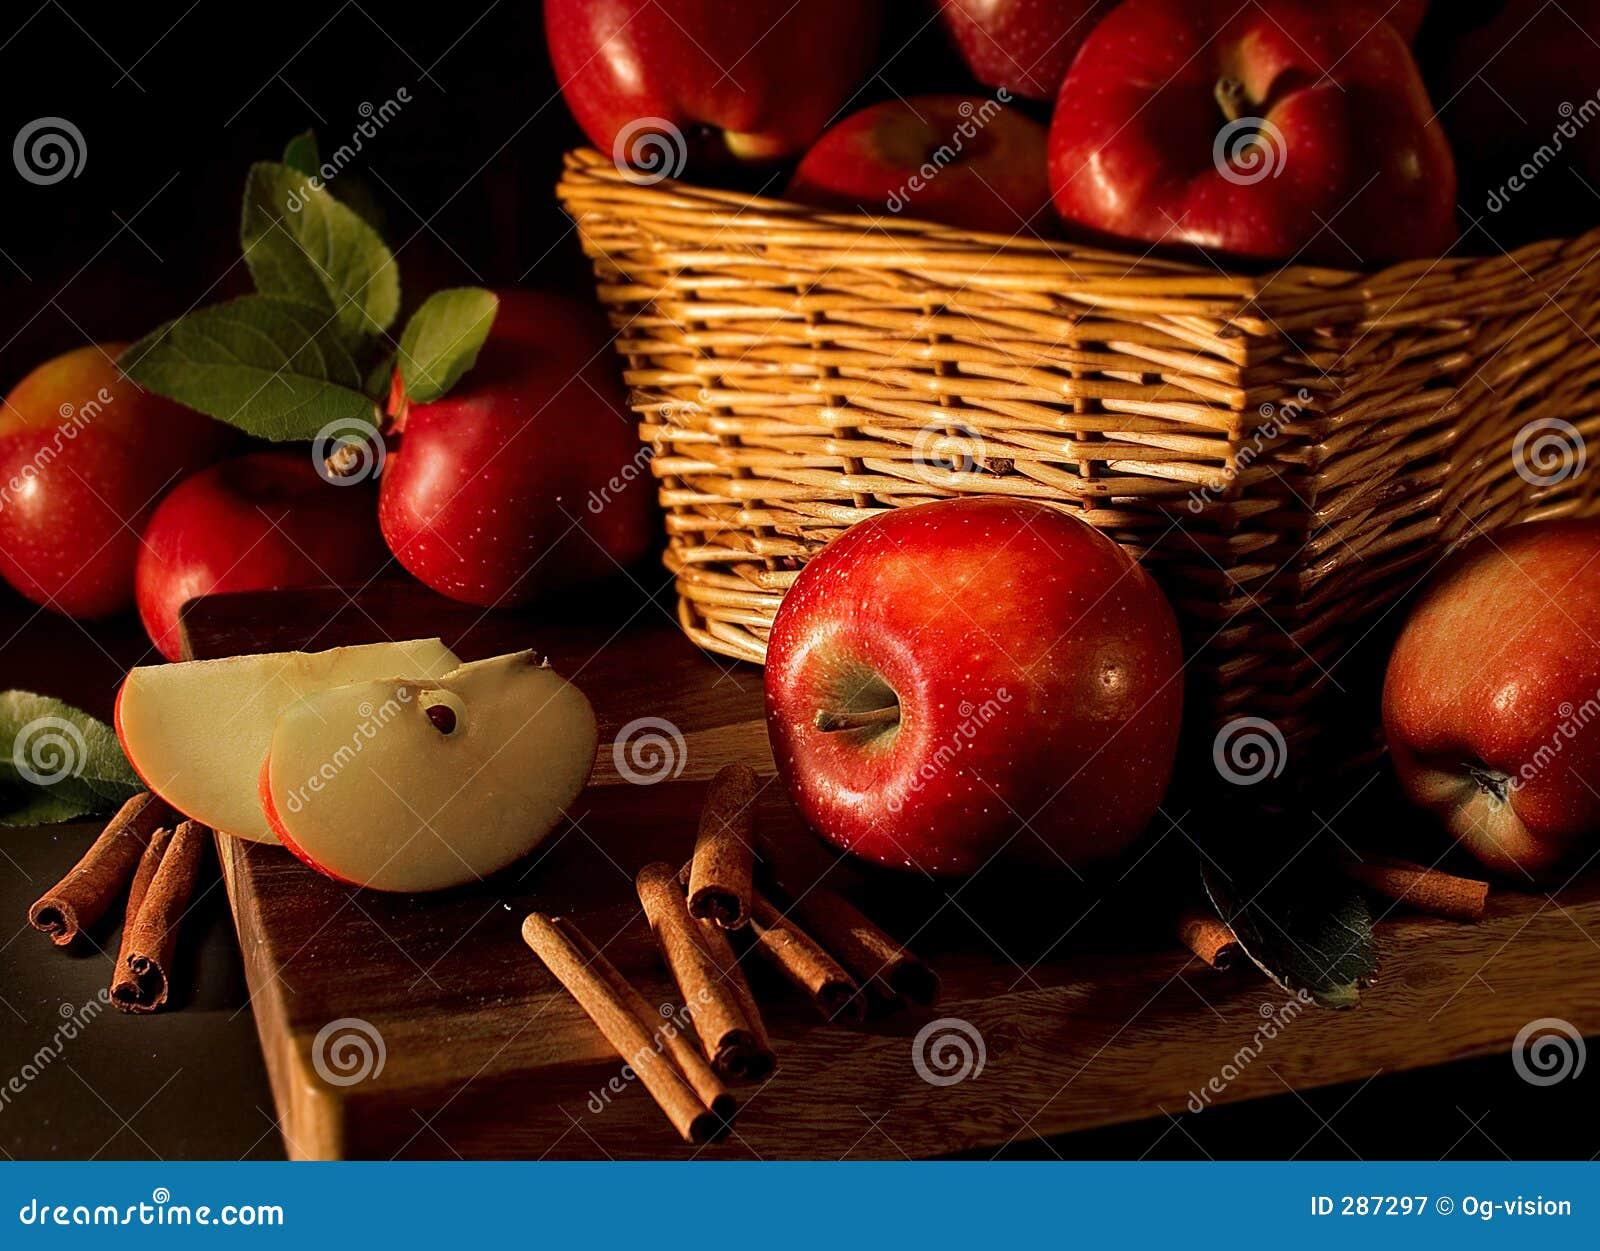 äpplekanelsticks